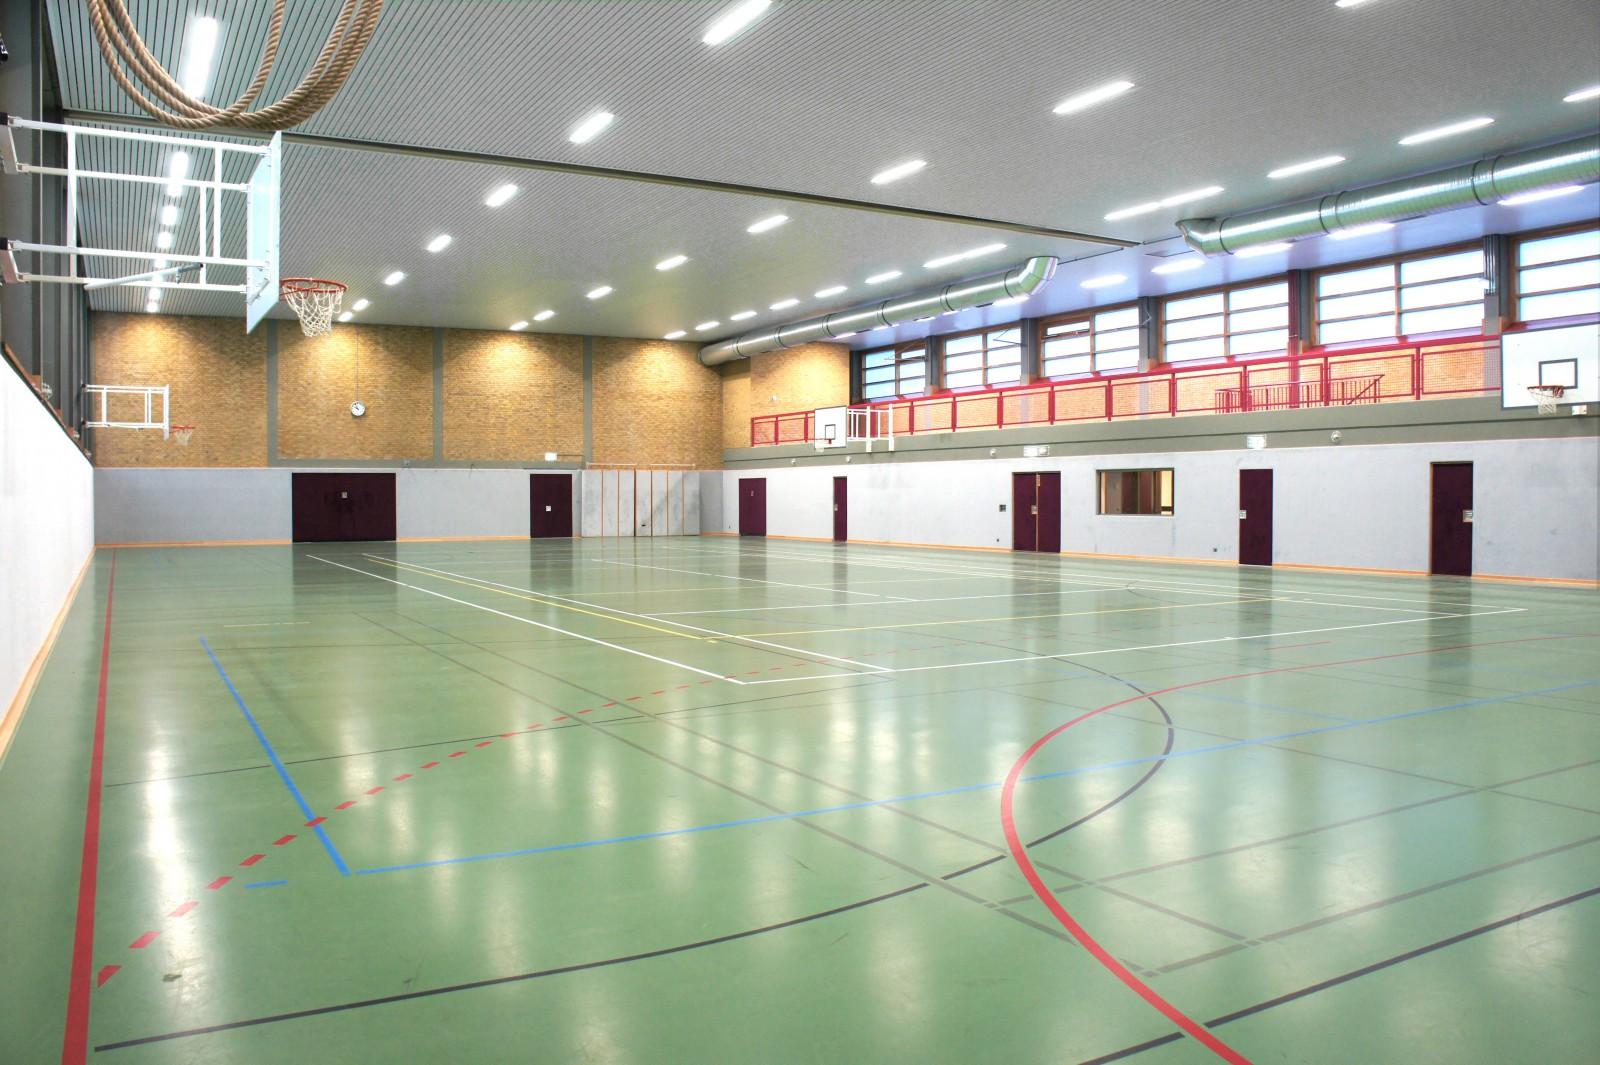 neubau-turnhalle-fuehrungsakademie-der-bundeswehr-clausewitz-kaserne-turnhalle-innen